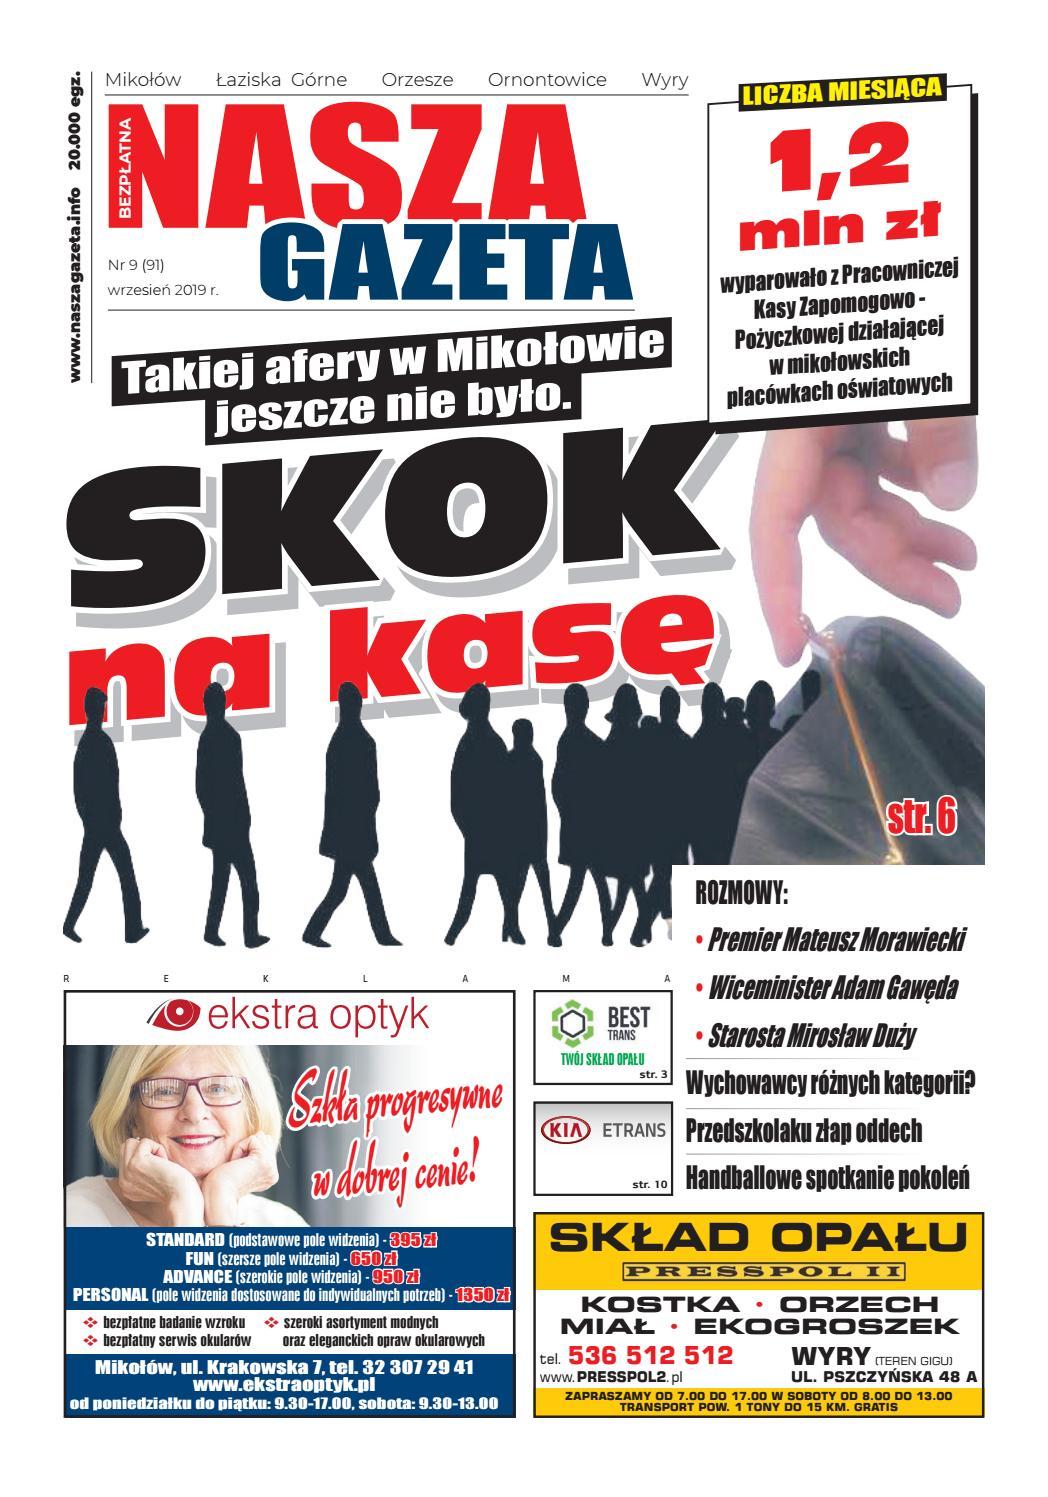 Nasza Gazeta Mikołów 092019 By Ko Production Issuu